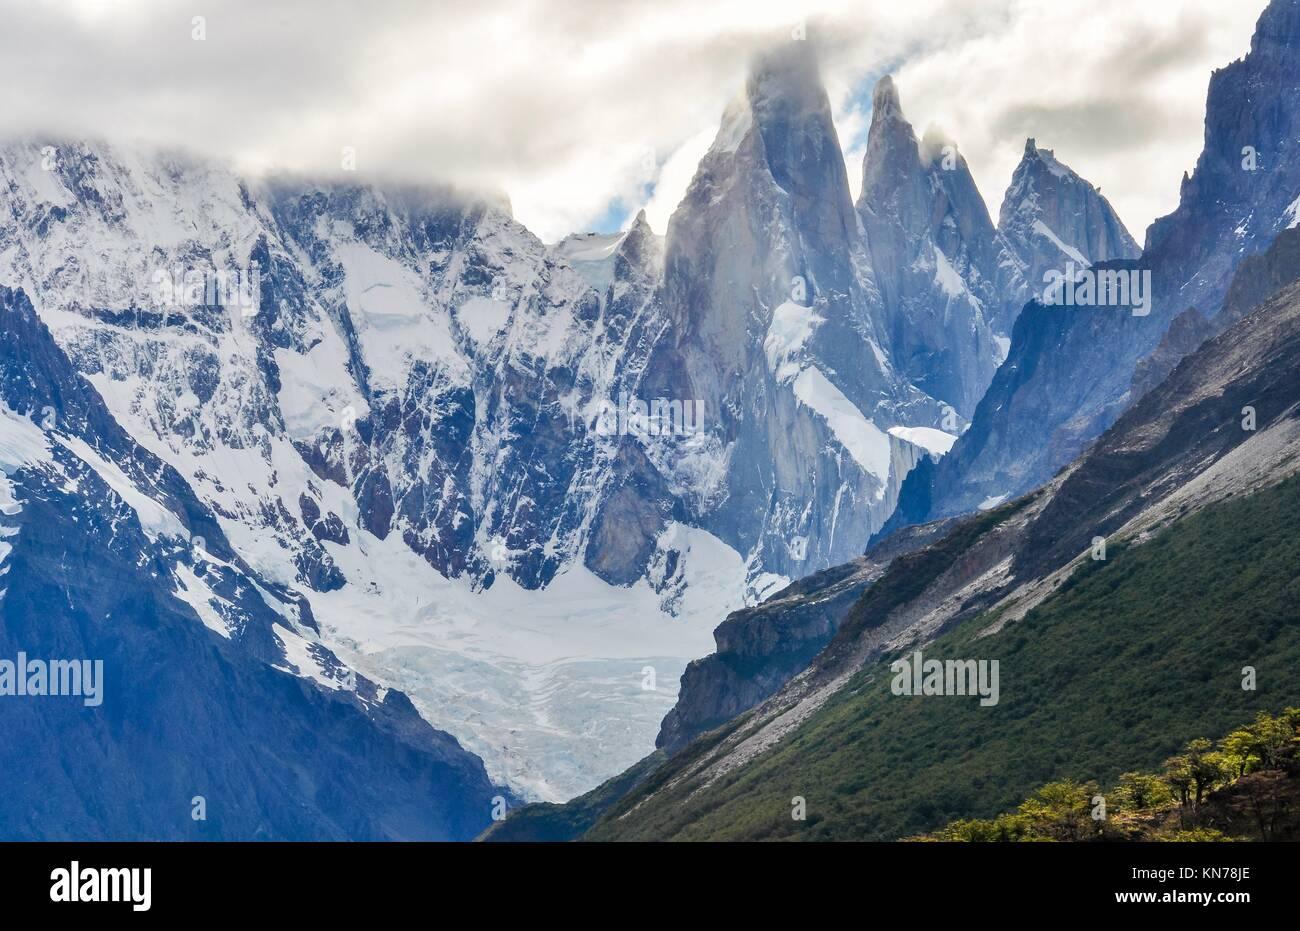 La vue sur les sommets du Cerro Torre, à pied, El Chalten, Patagonie, Argentine. Banque D'Images